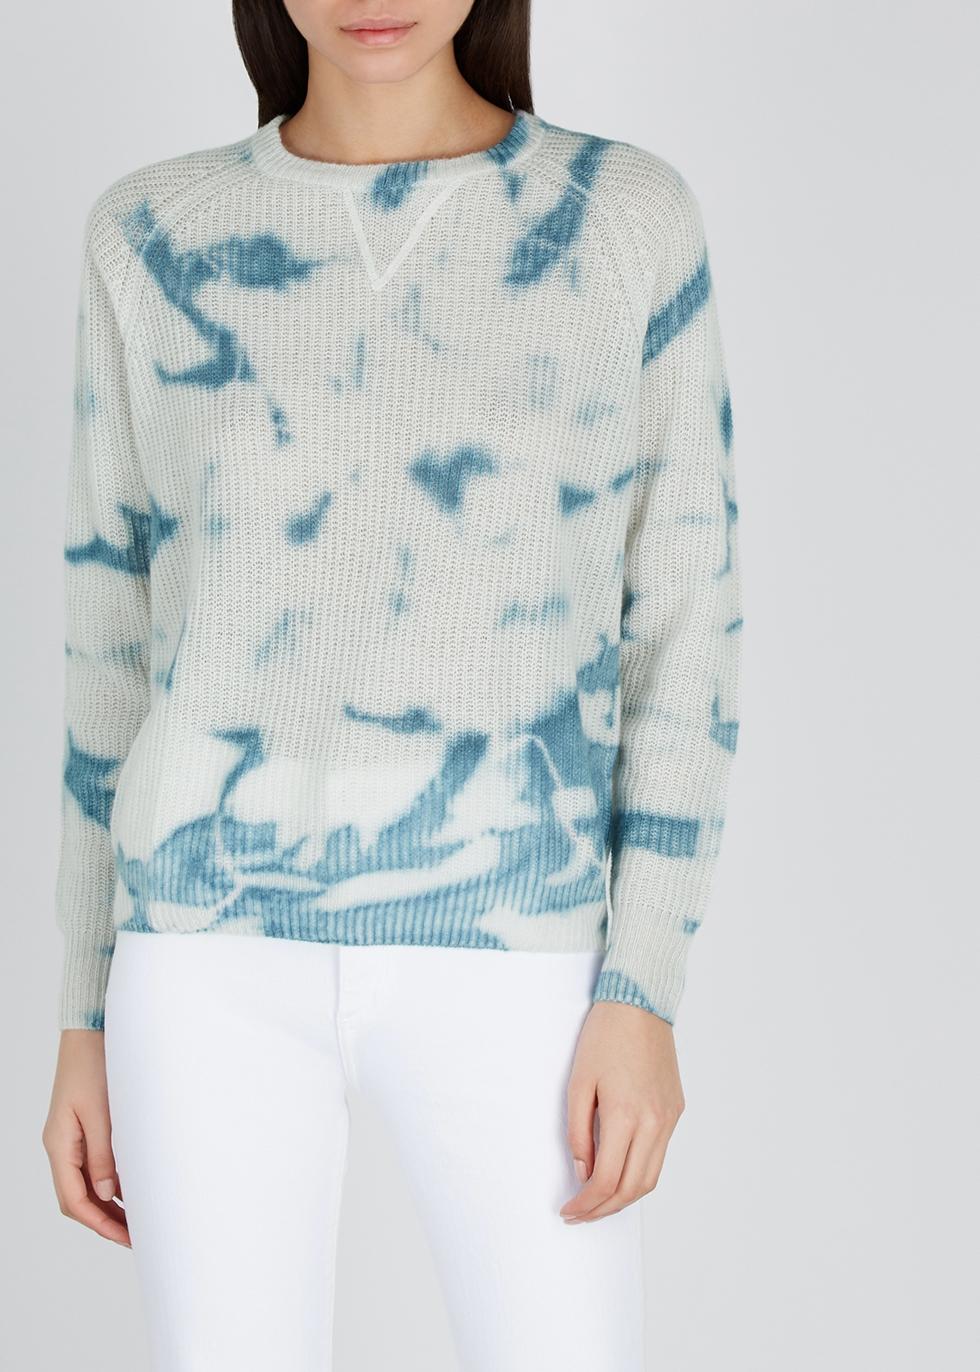 Tie-dye cashmere jumper - LINE